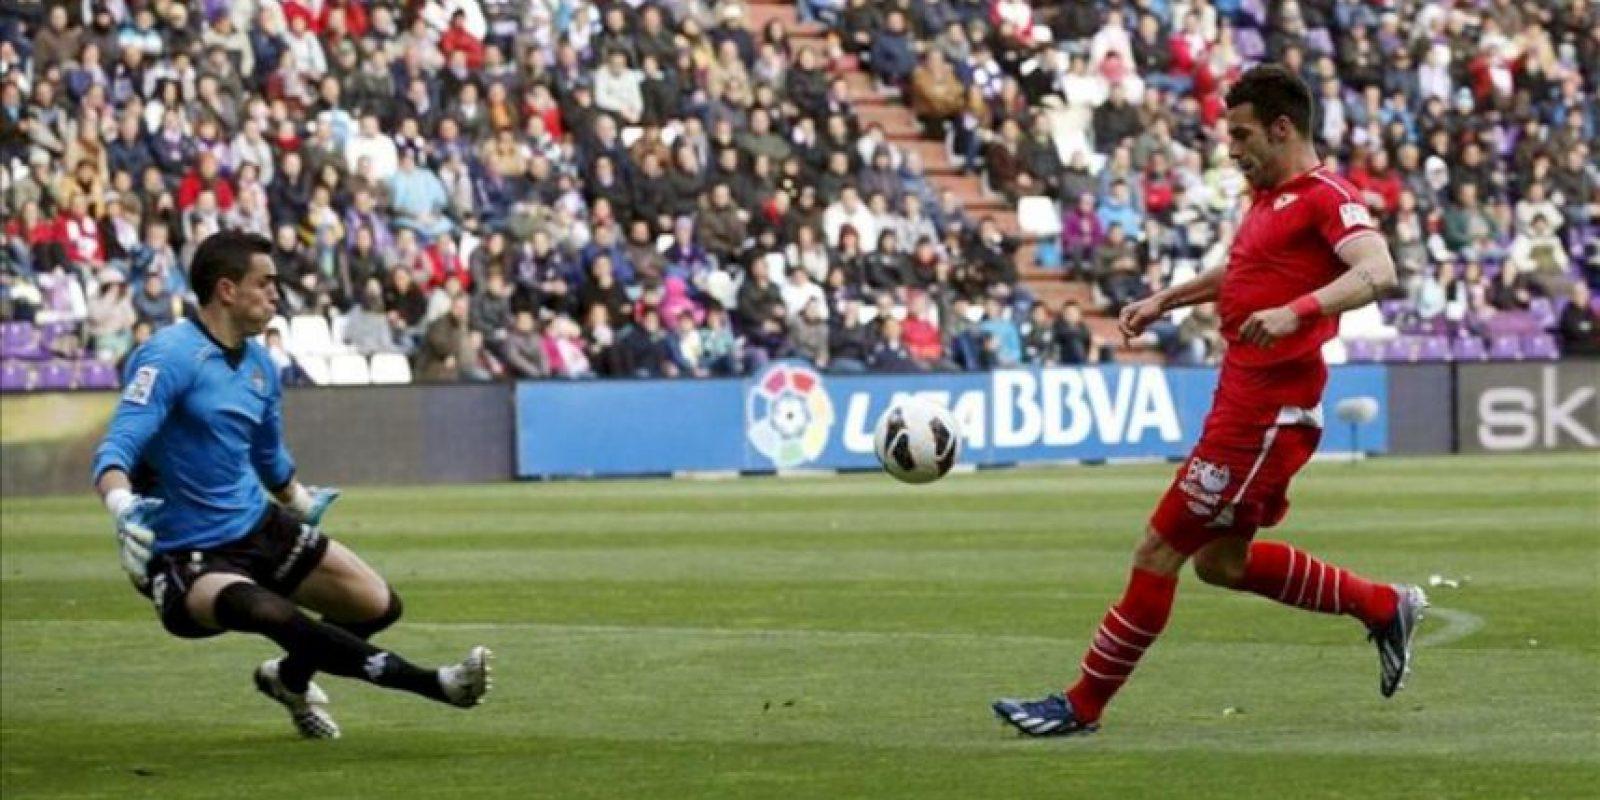 El delantero del Sevilla Alvaro Negredo (d) intenta superar al portero del Valladolid Jaime Jiménez, durante el partido de la trigésima tercera jornada de liga en Primera División que se disputó en el estadio José Zorrilla. EFE